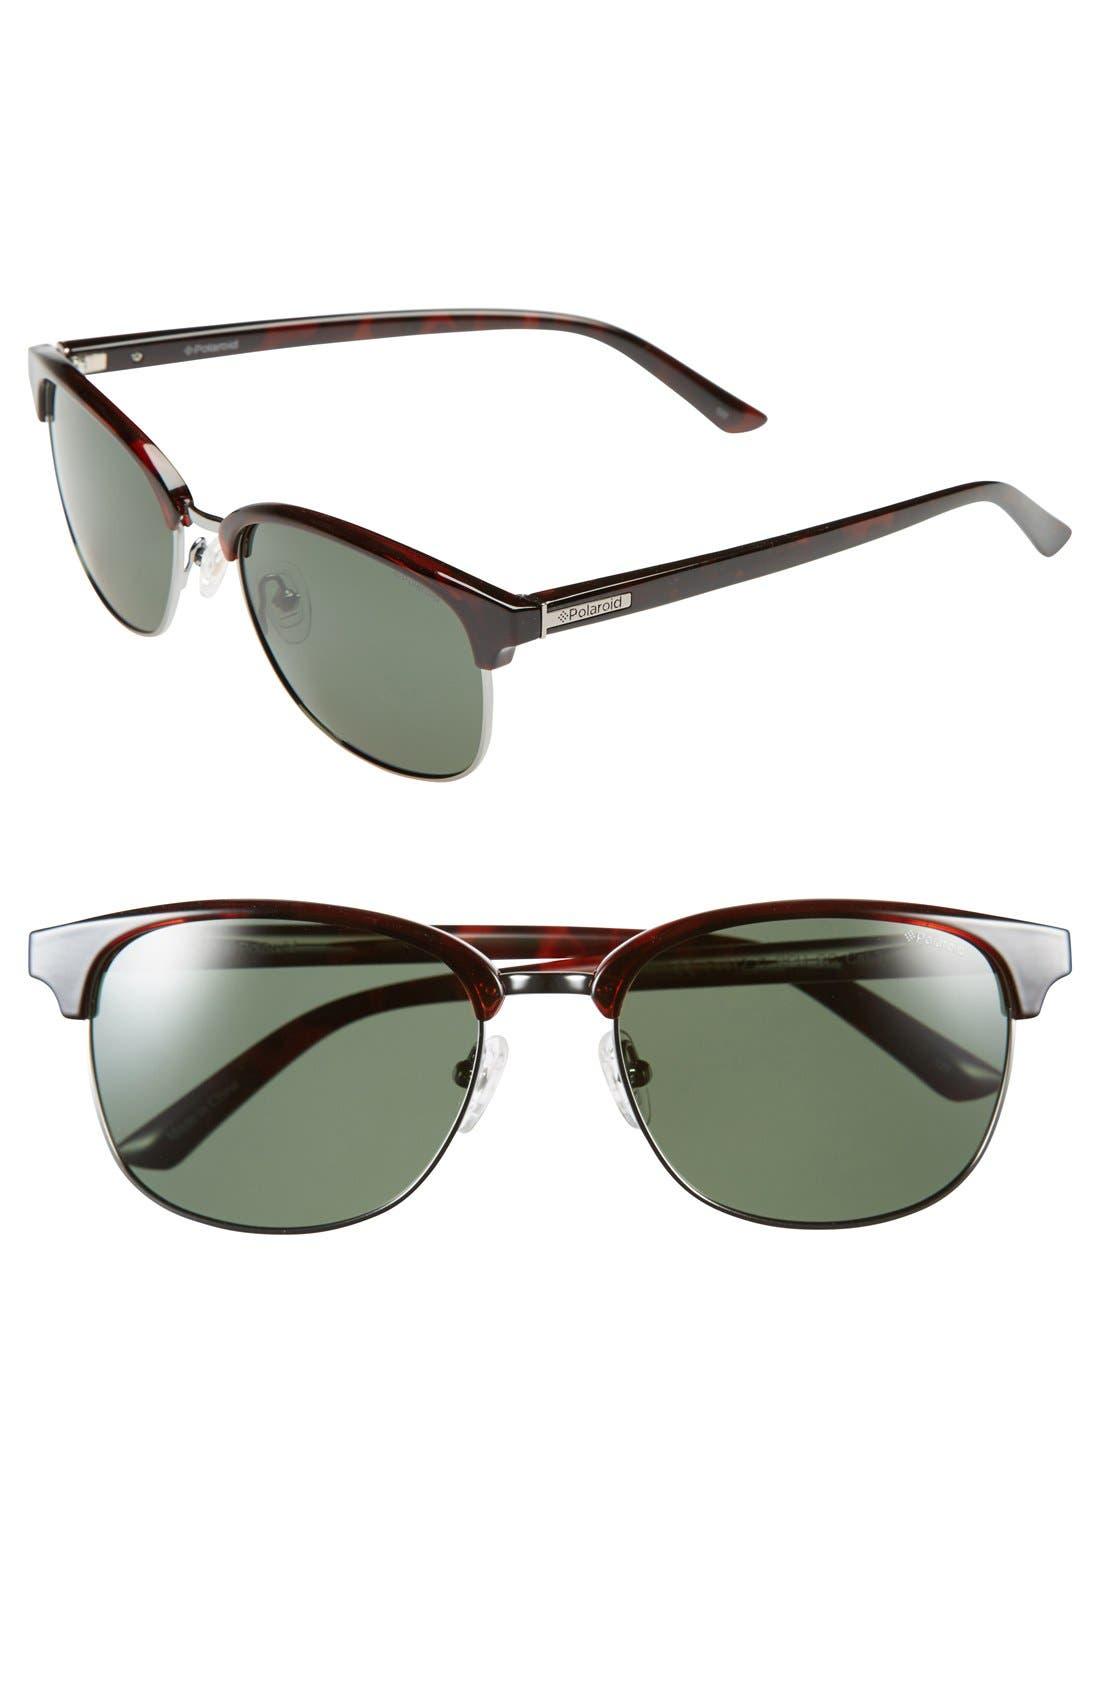 Main Image - Polaroid Eyewear 55mm Polarized Sunglasses